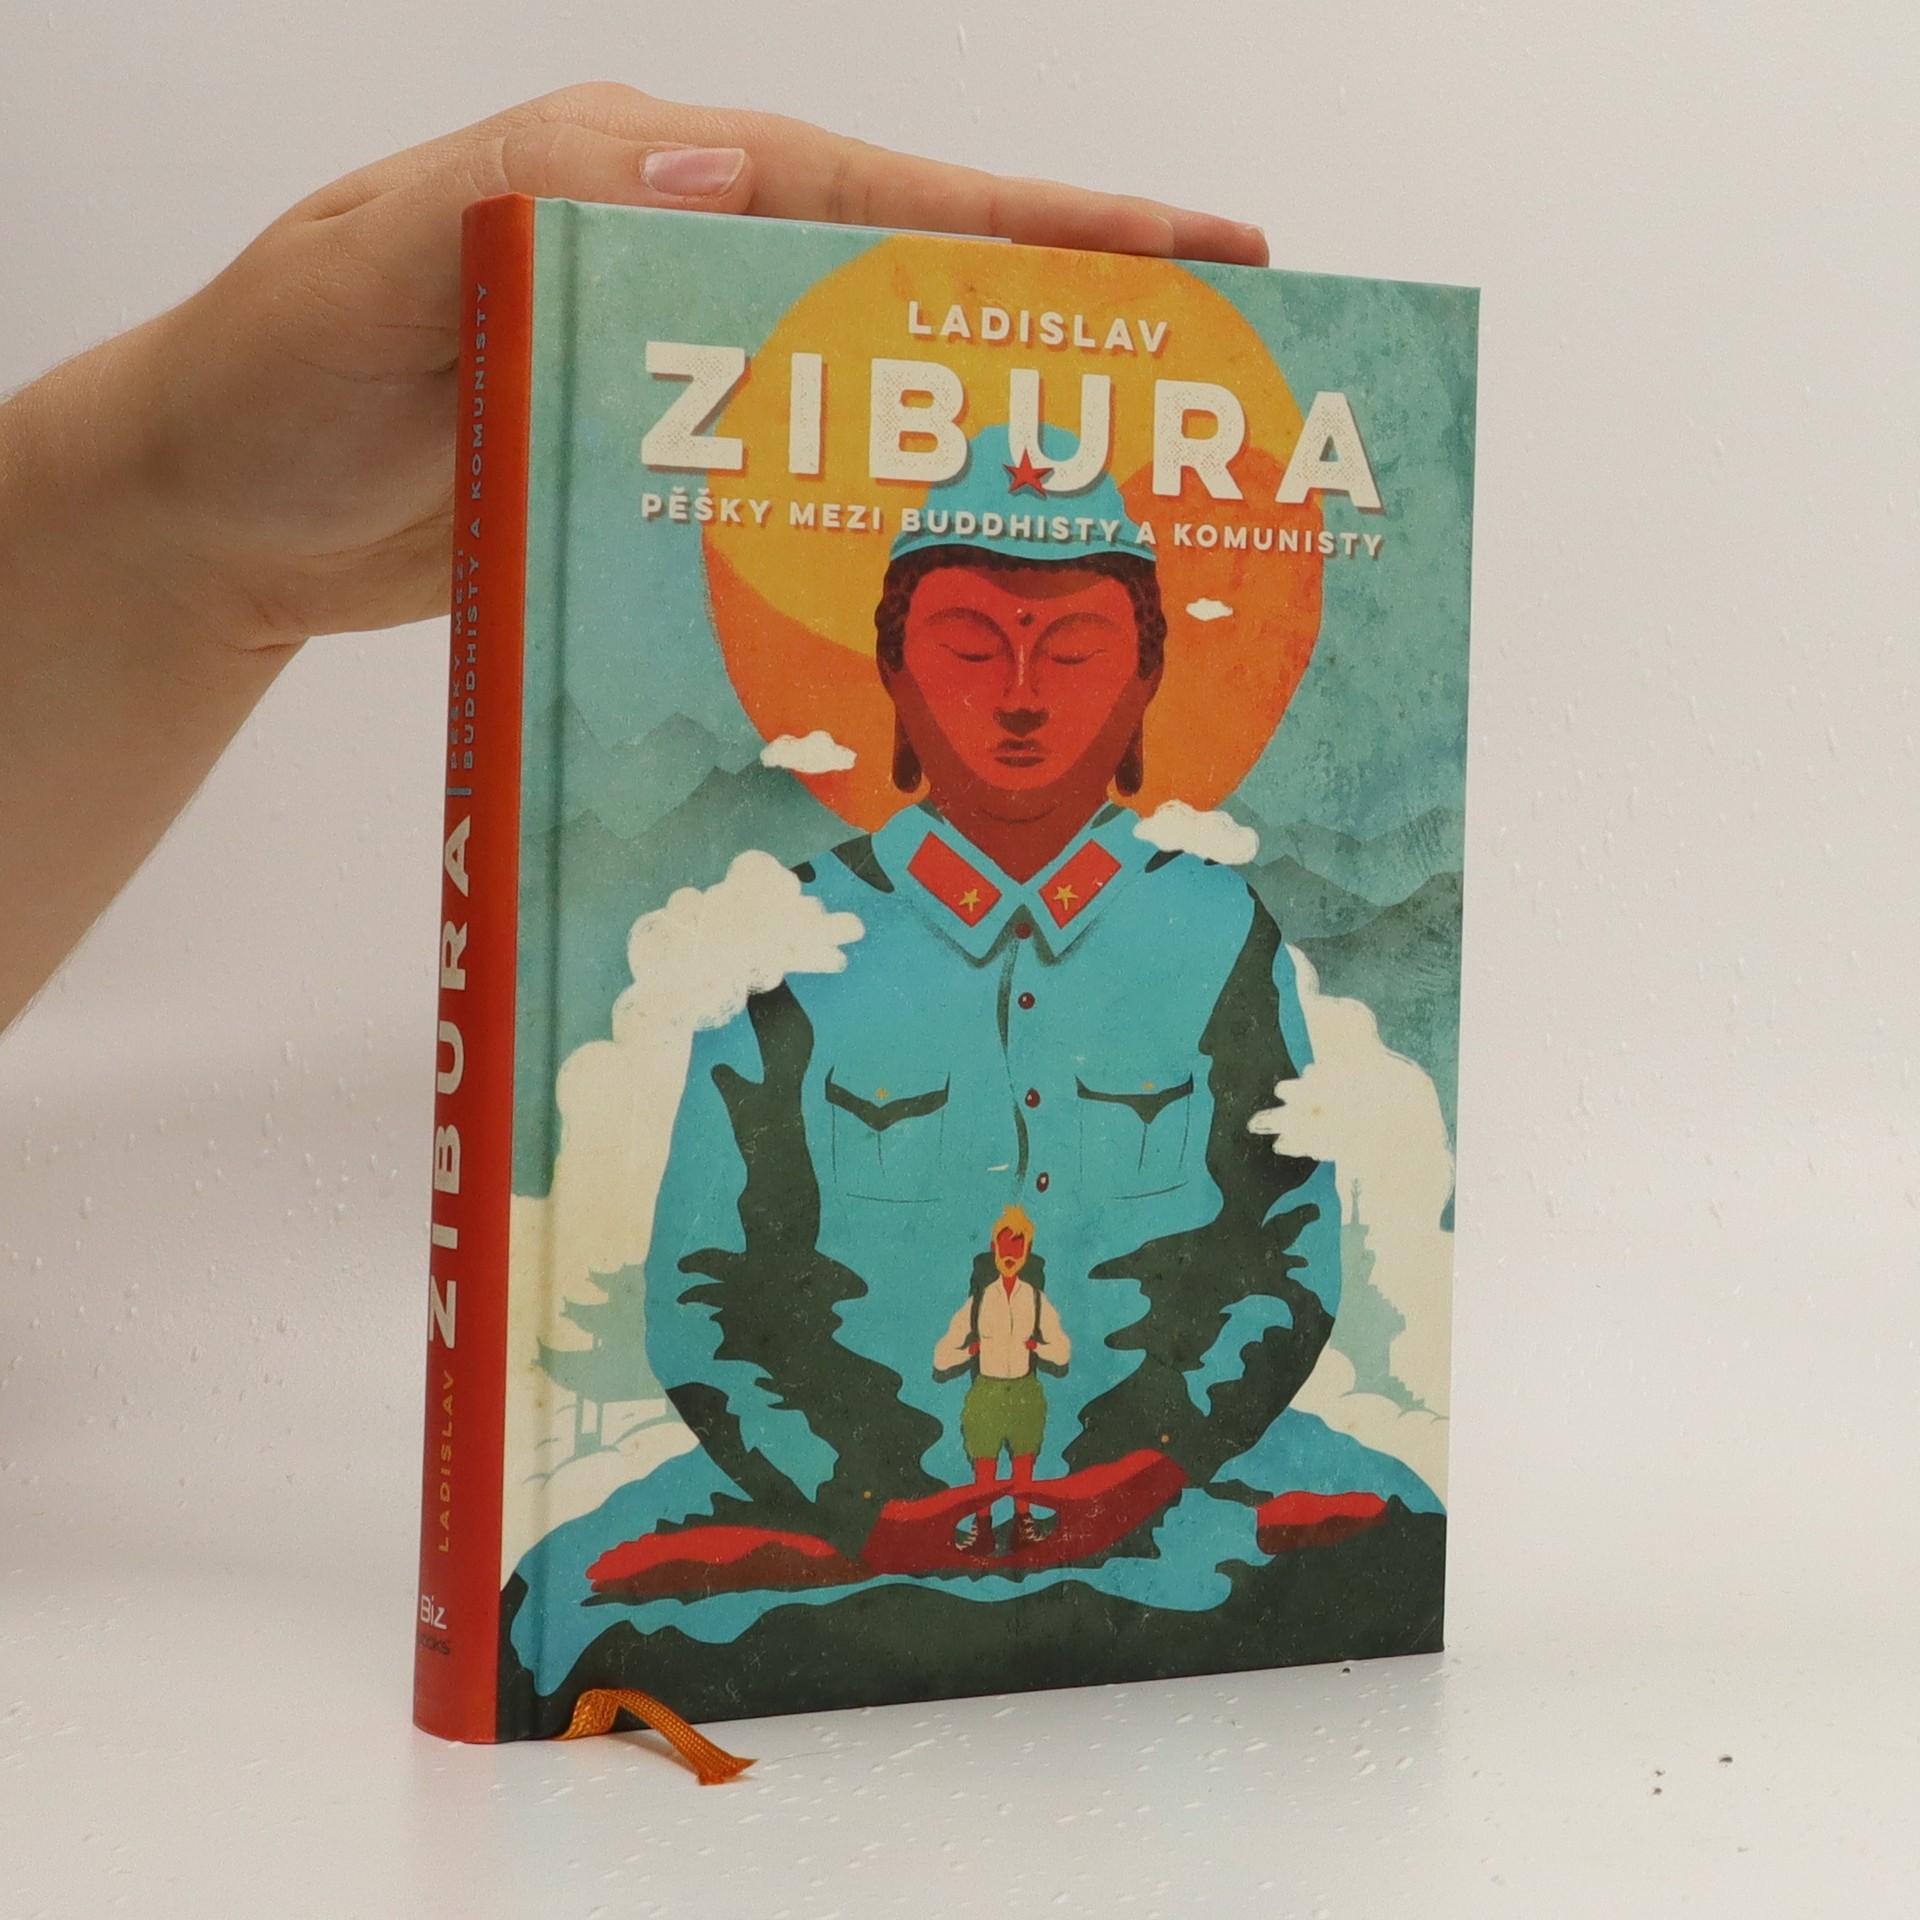 antikvární kniha Pěšky mezi buddhisty a komunisty, 2019